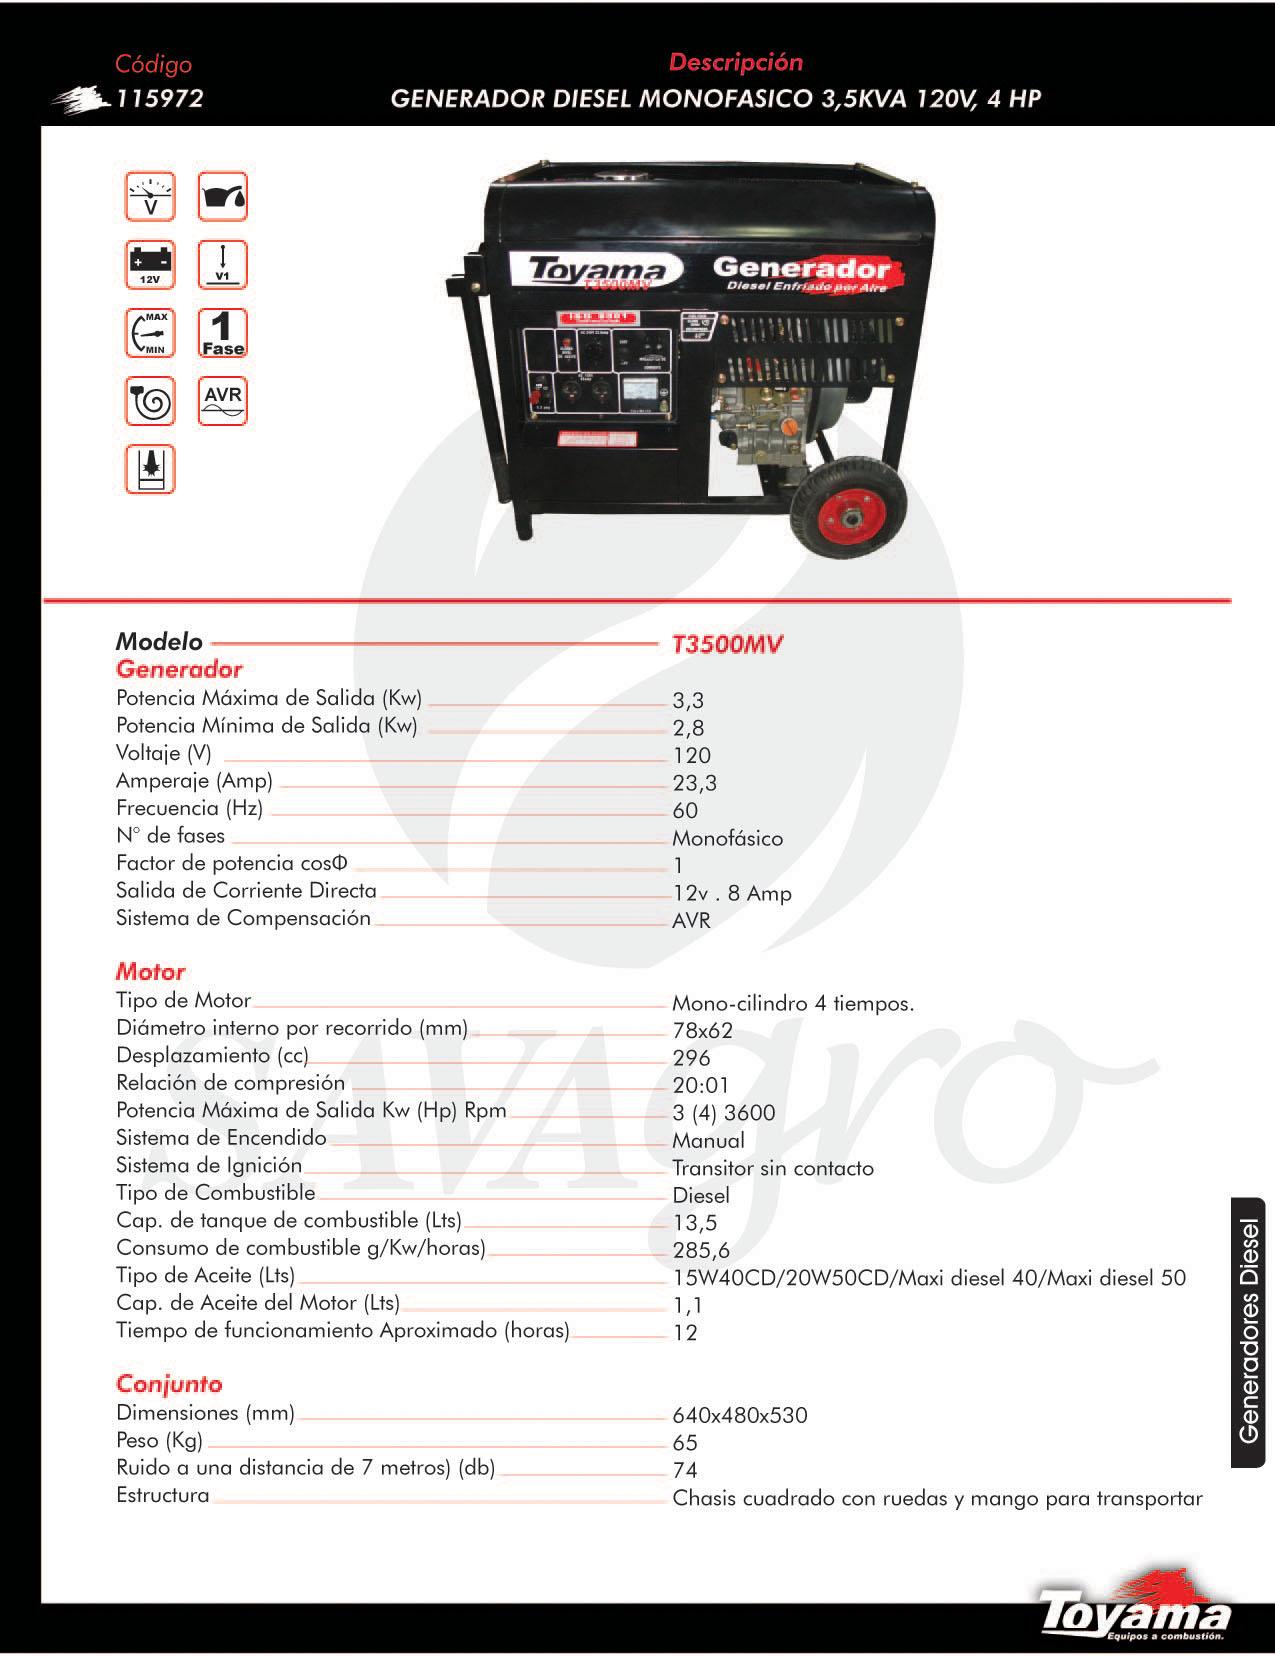 Generador Diesel monofasico TOYAMA de 3,5 KVA T3500MV 115972